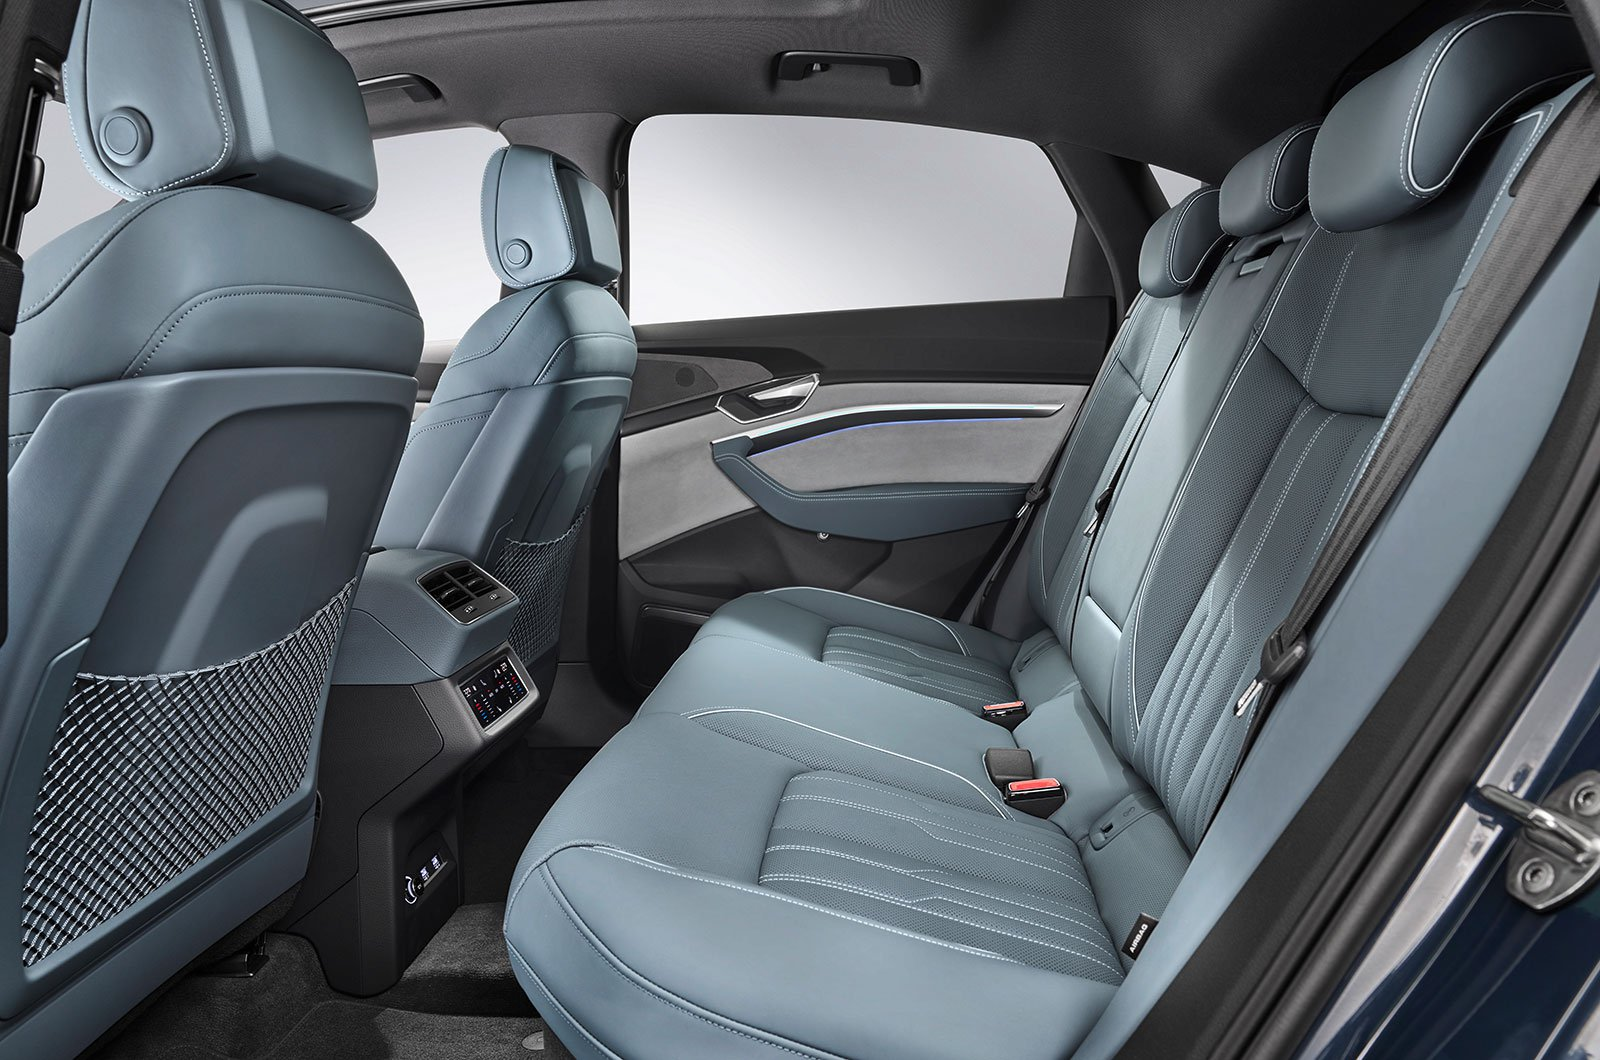 Audi E-tron Sportback rear seats